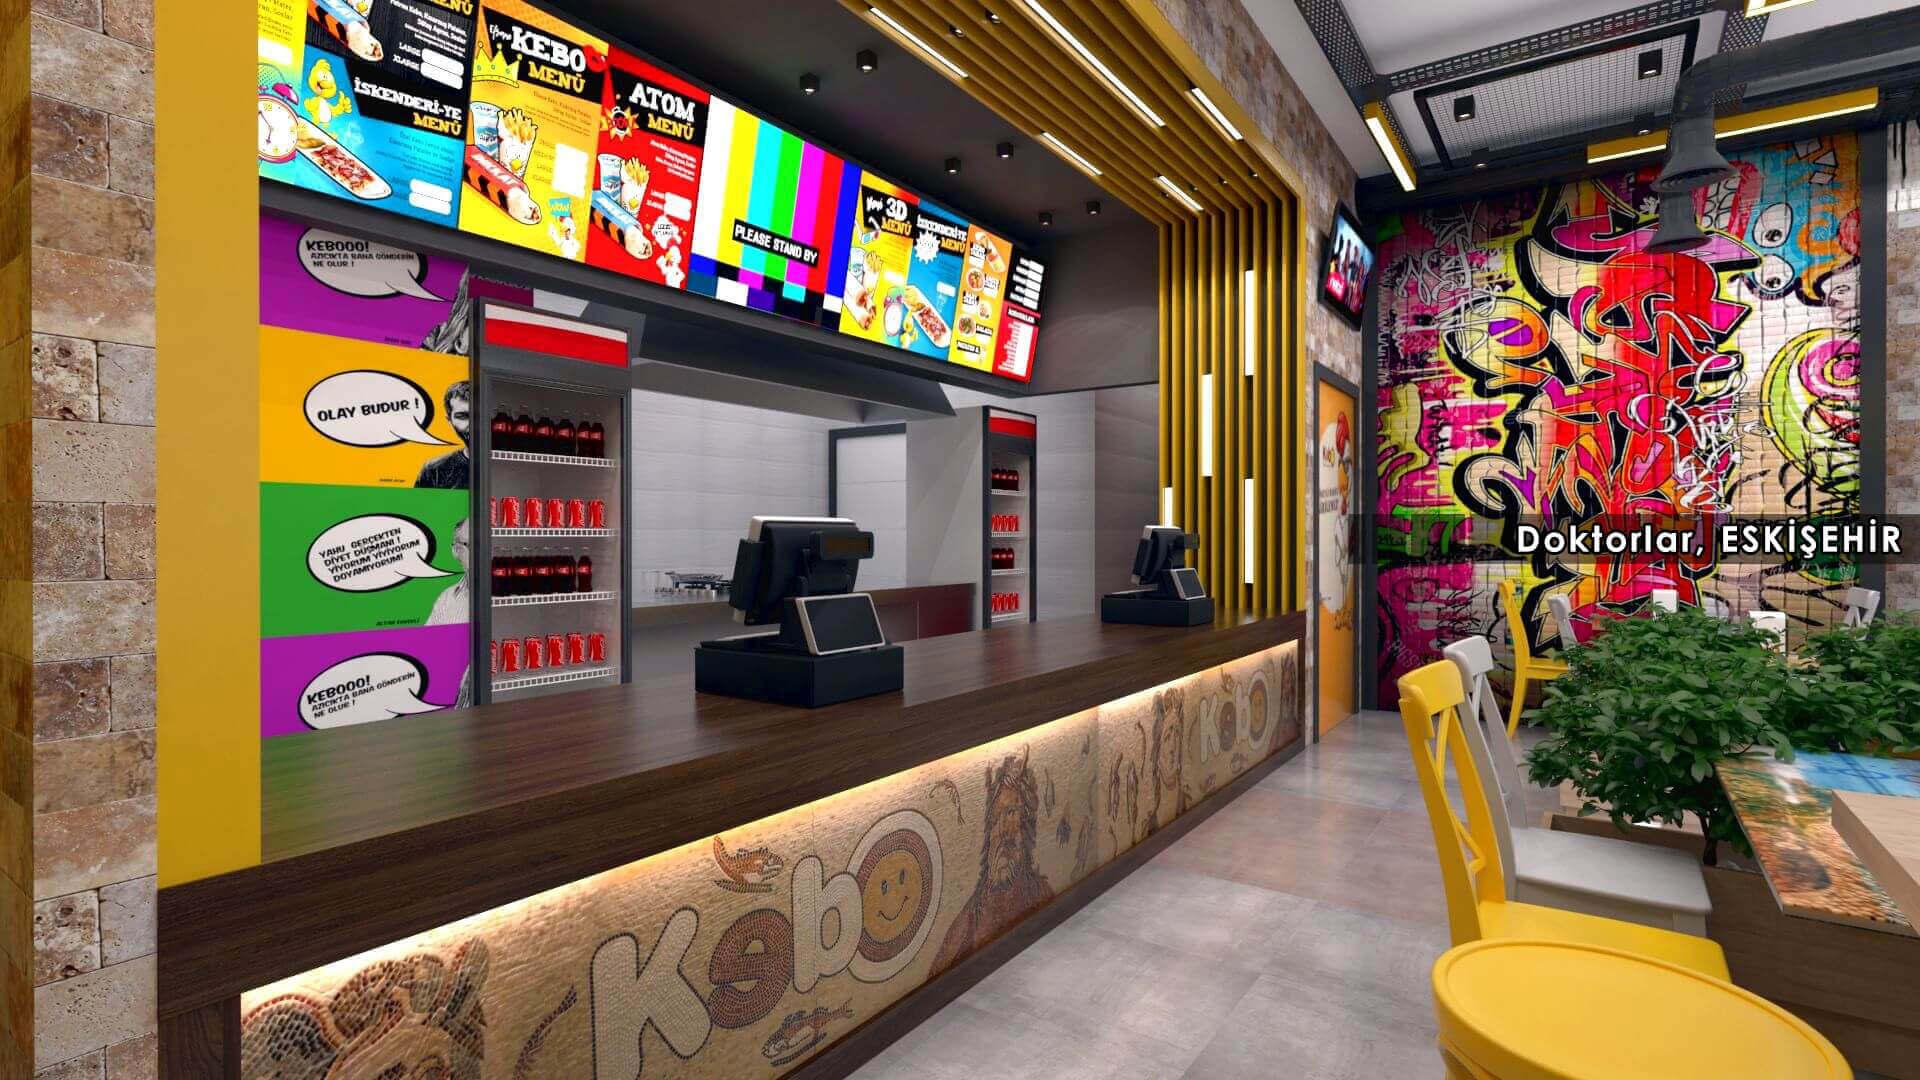 restorant iç tasarım 2122 Kebo 2018 Restoranlar